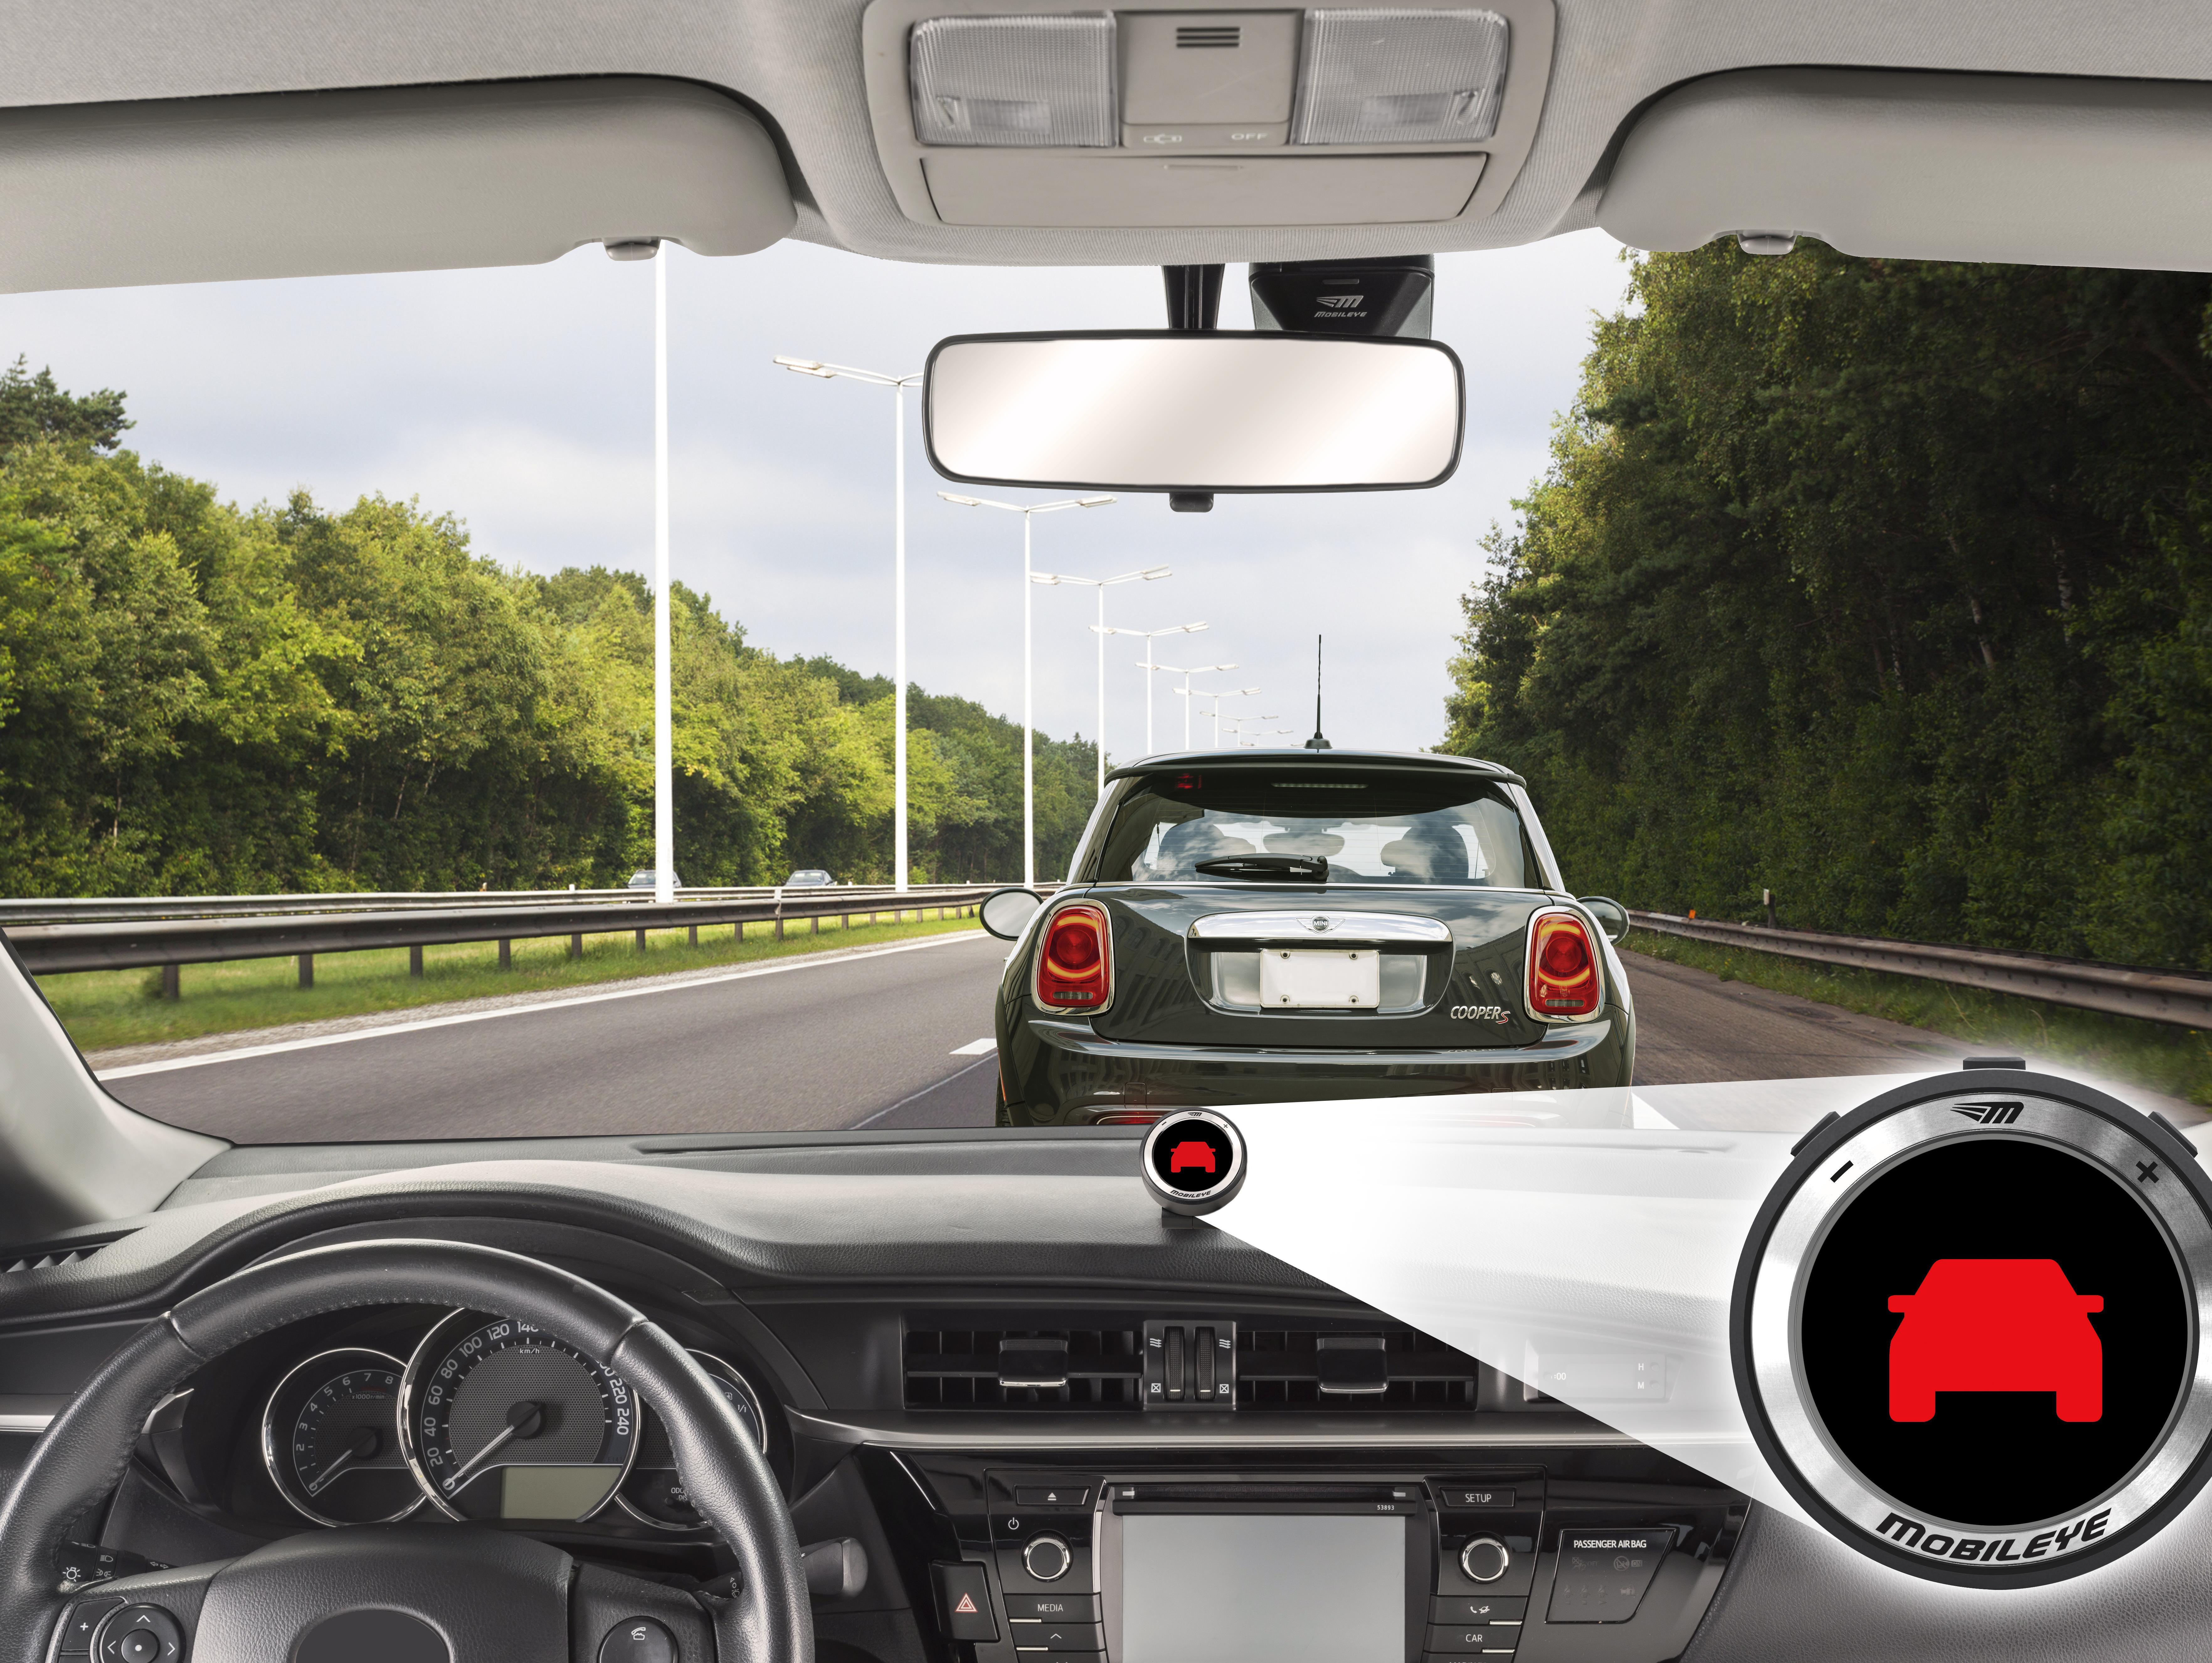 הפחד נוהג במקומנו: 5 פחדים בכביש